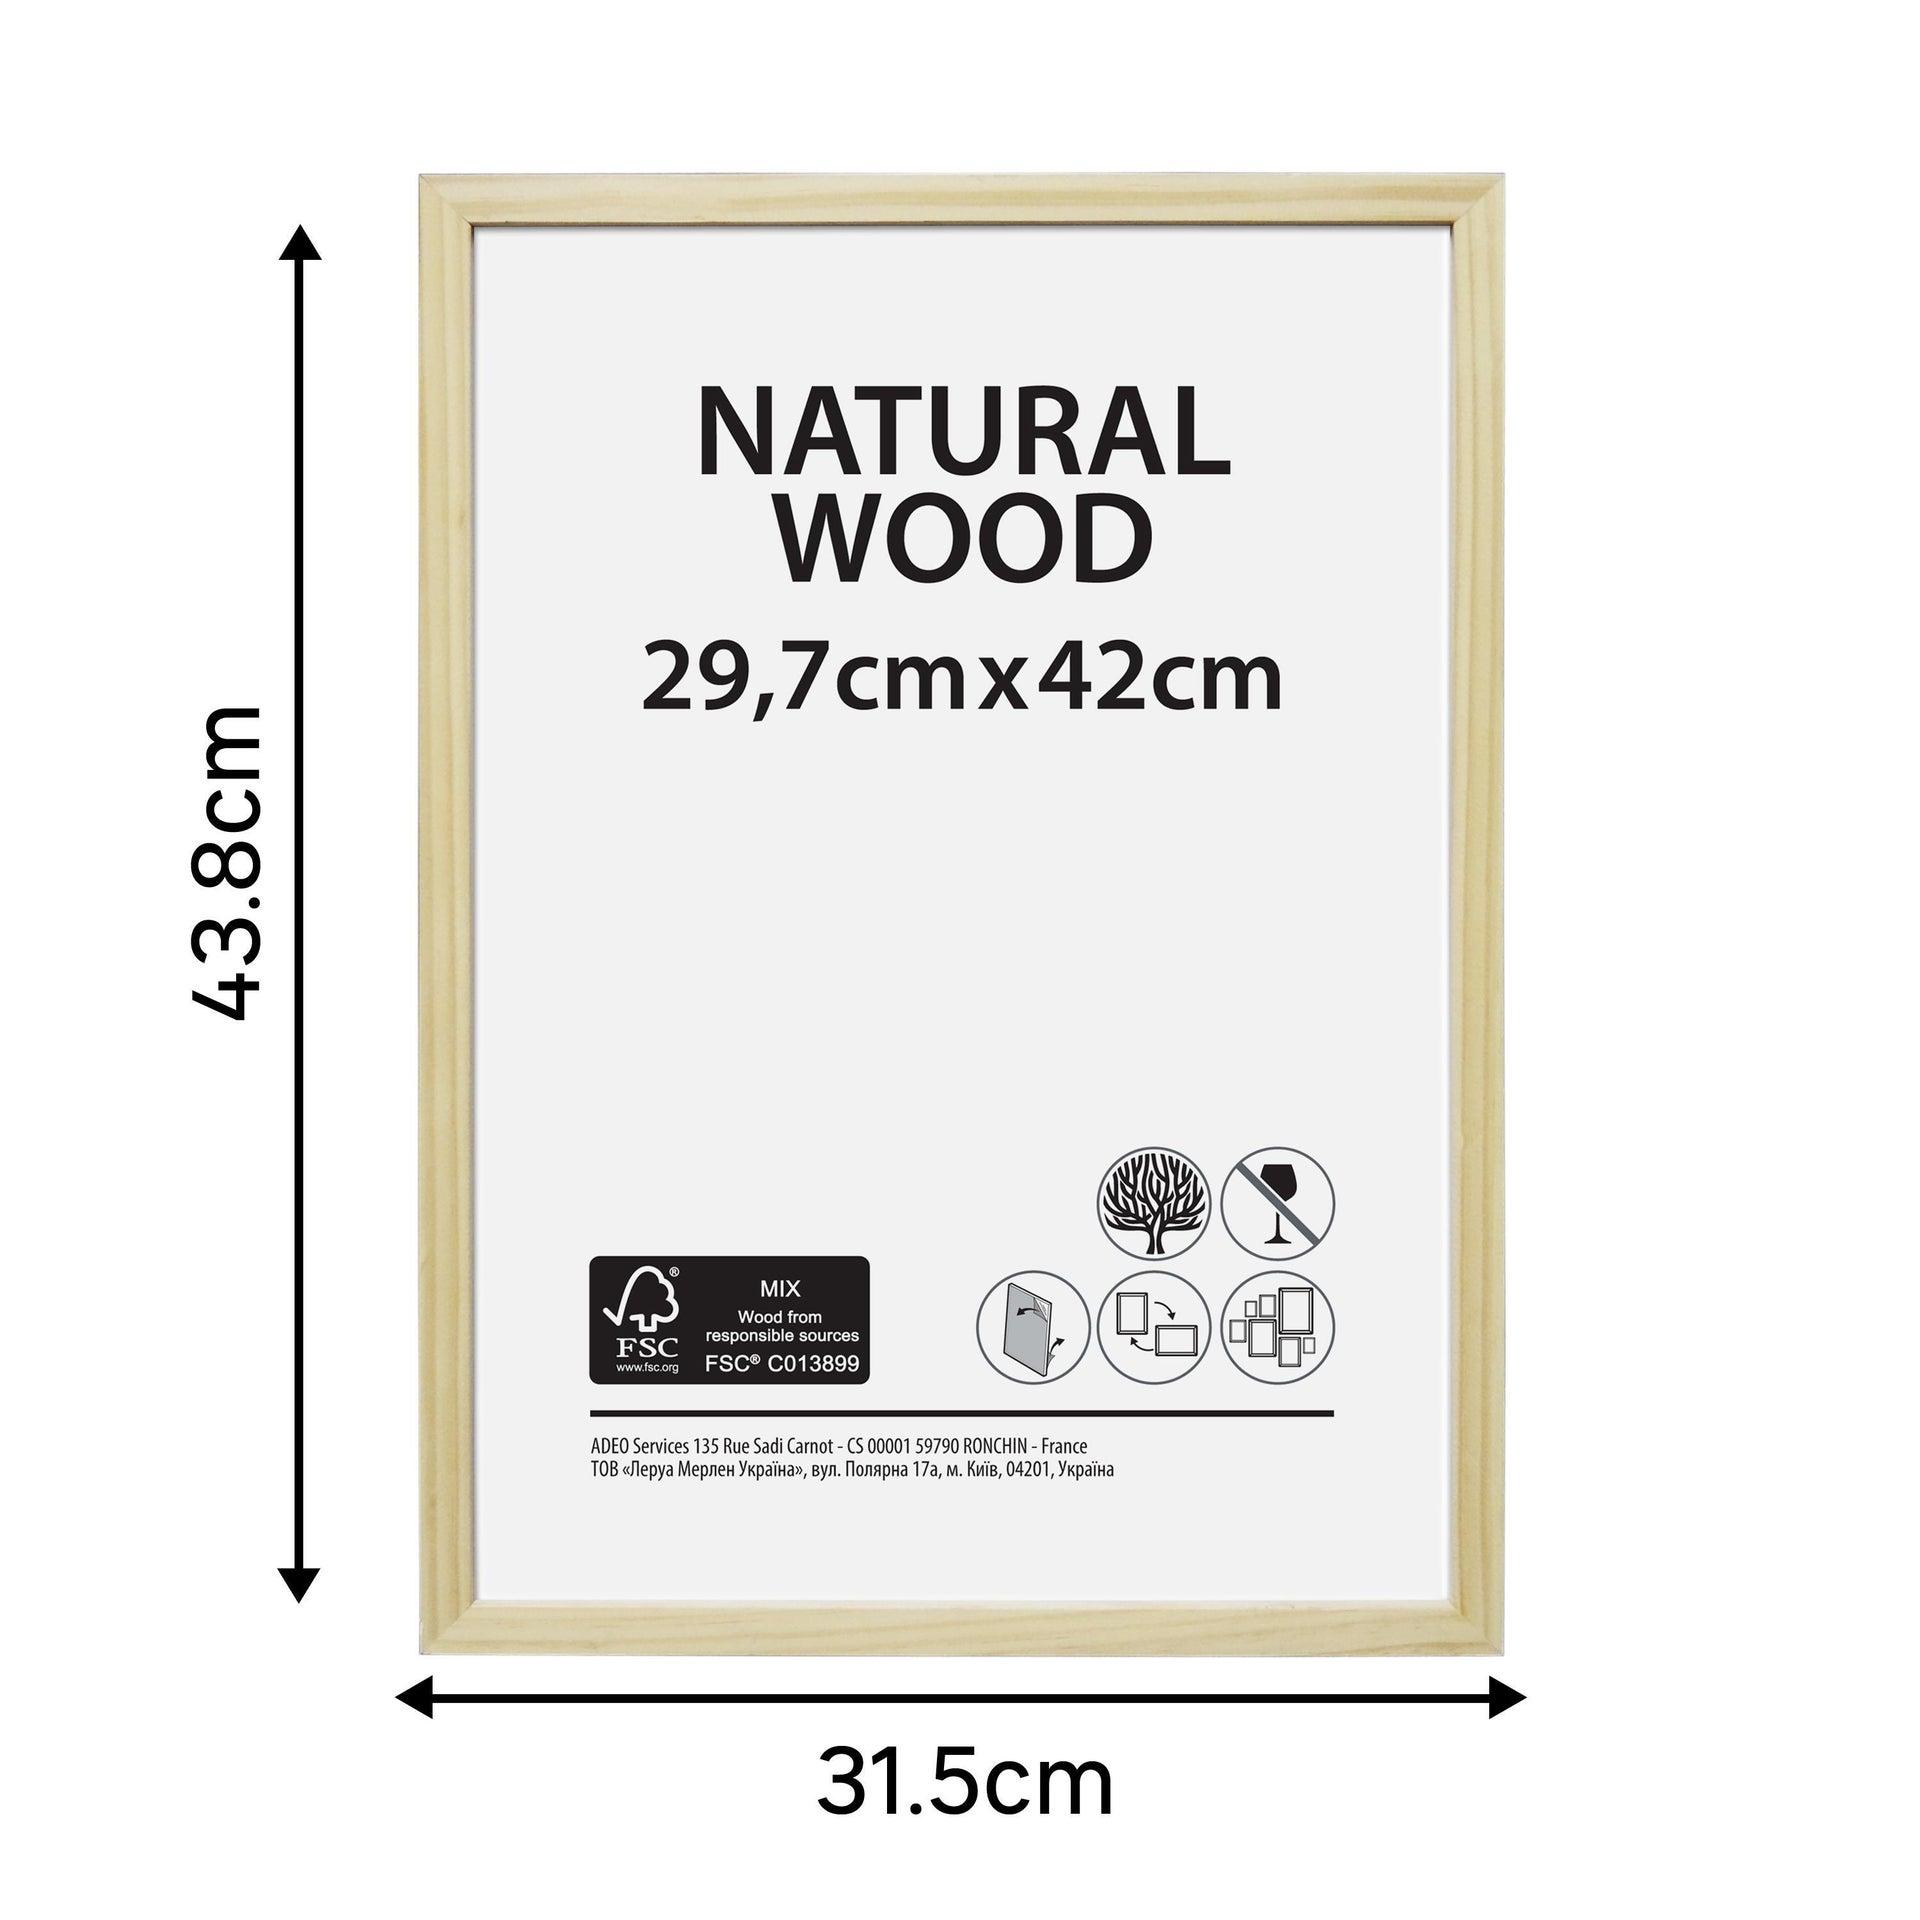 Cornice Natural wood naturale per foto da 29.7x42 cm - 4